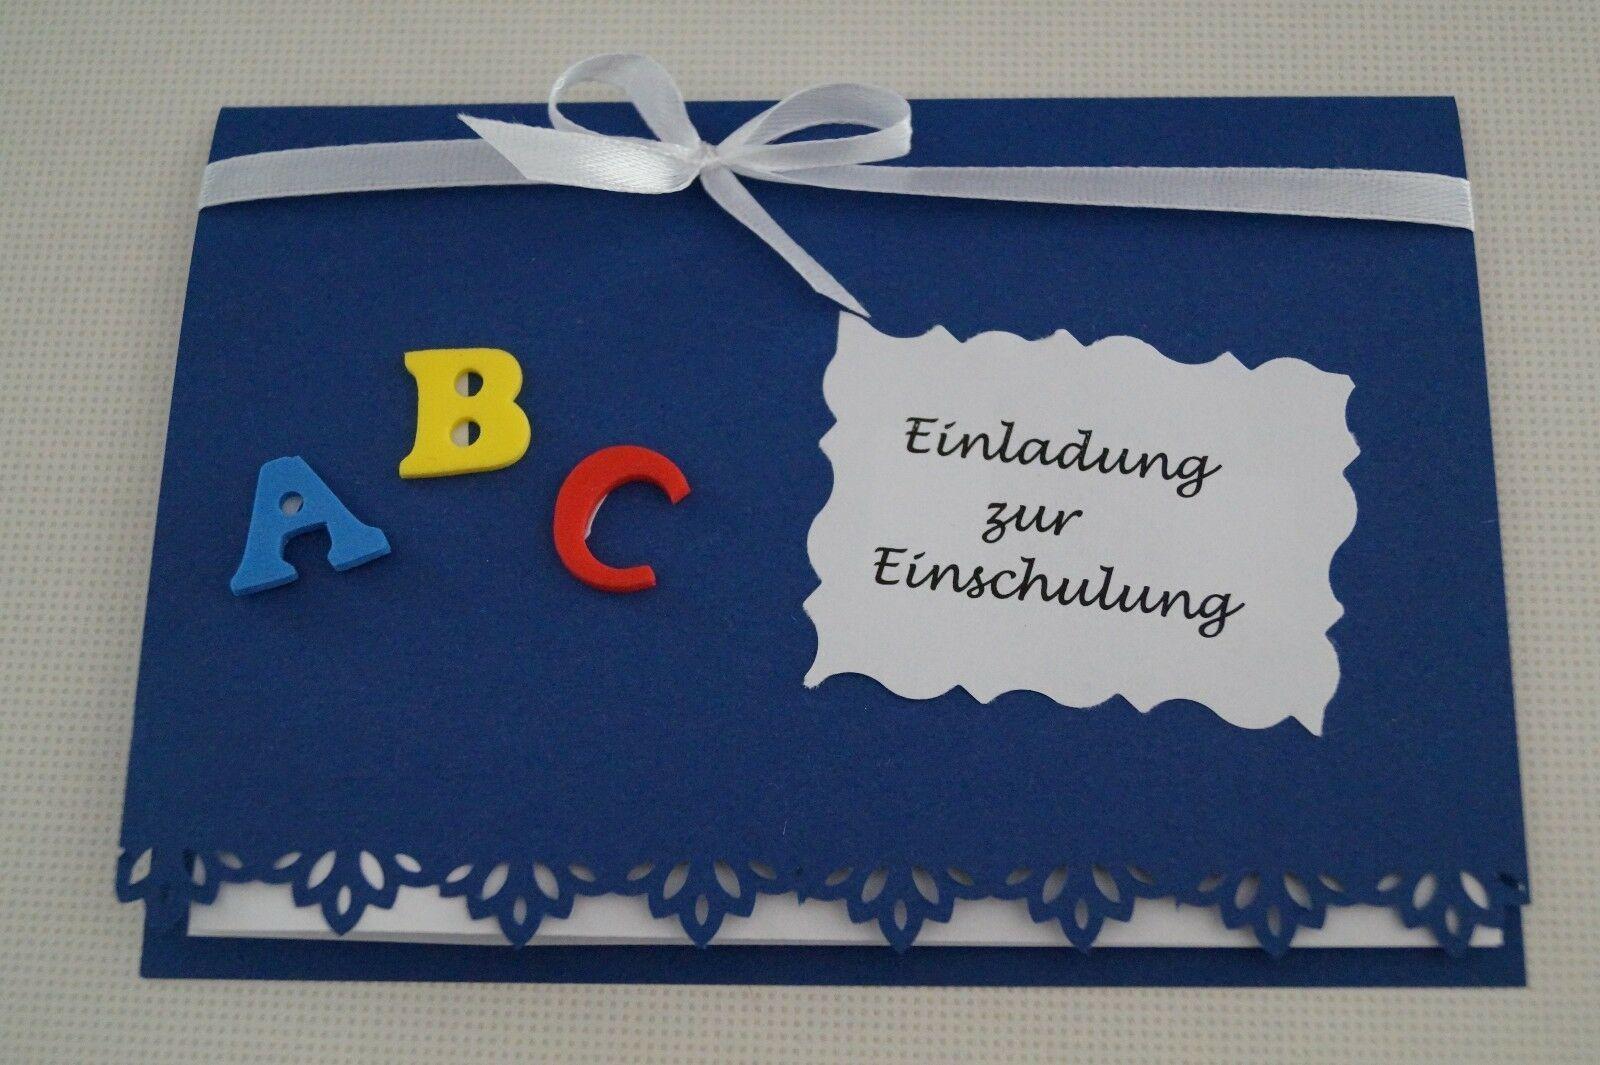 Einladungskarte Einladung zur Einschulung Einladung zum